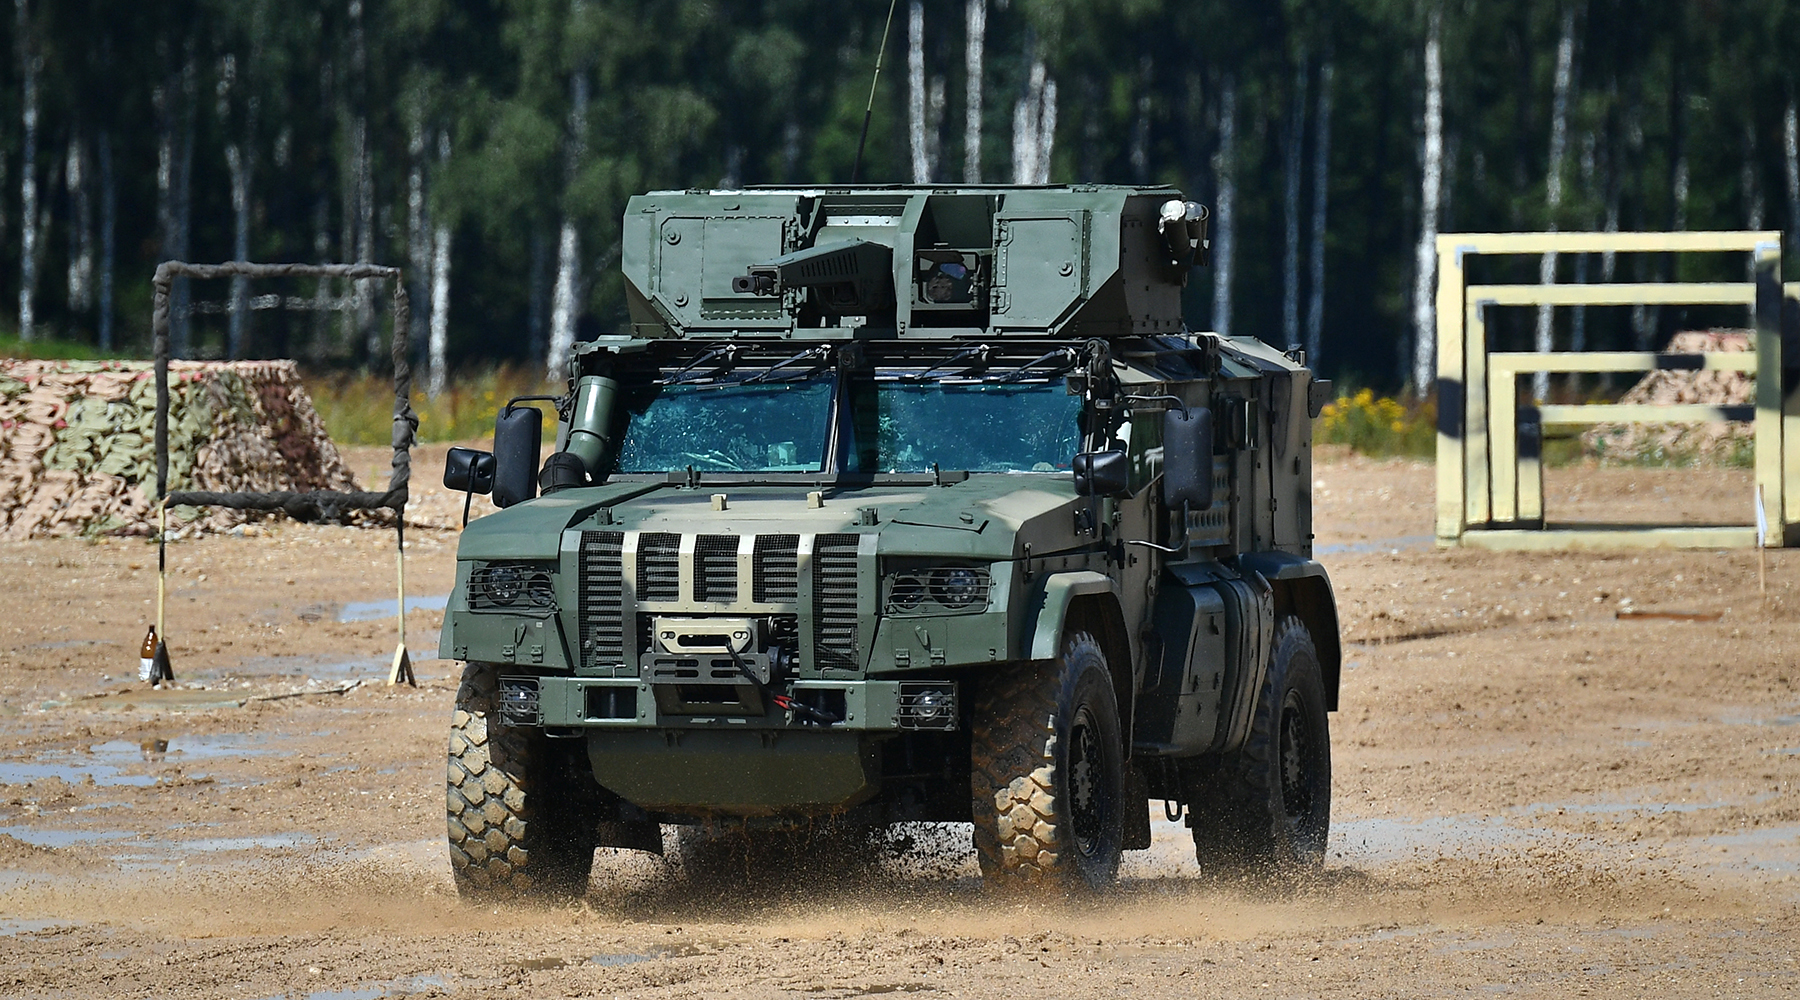 «Мобильность и ударные возможности»: чем уникален новый российский авиадесантируемый бронеавтомобиль «Тайфун-ВДВ»1